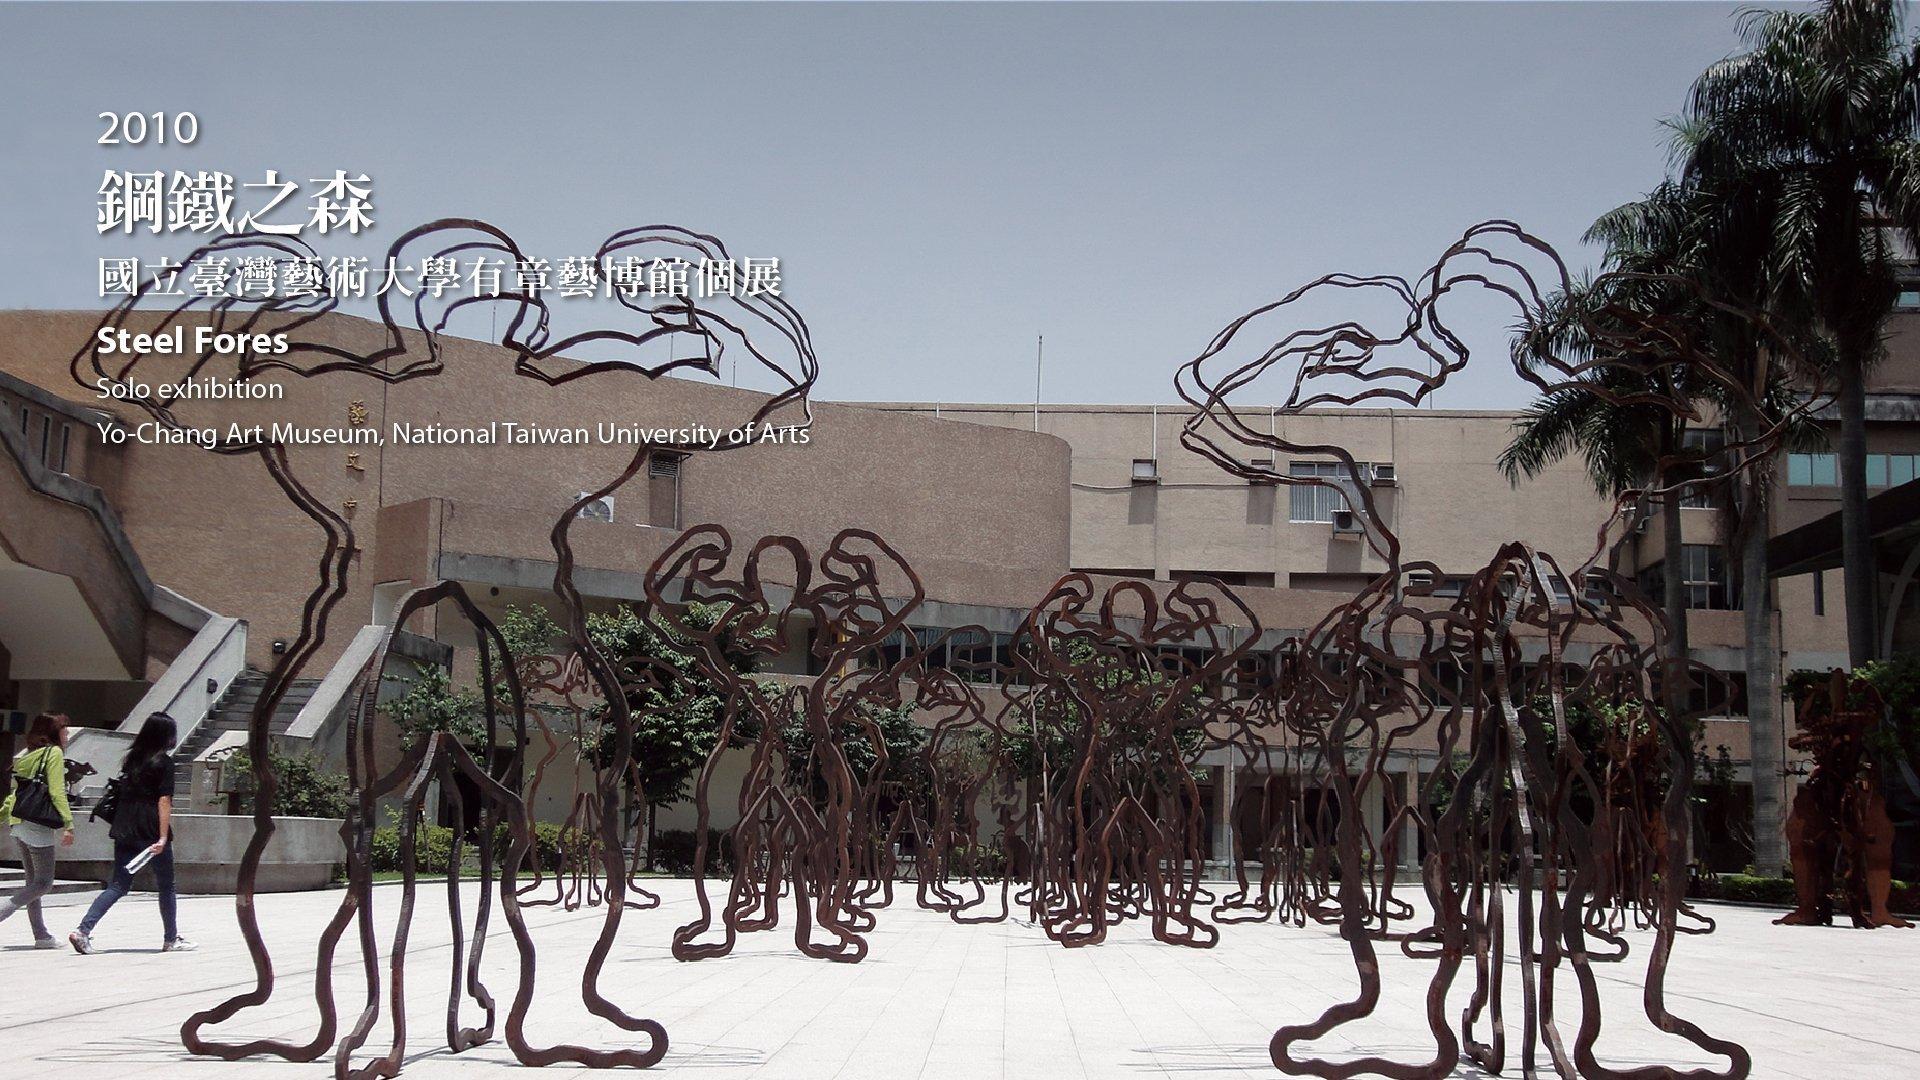 2010 鋼鐵之森 -